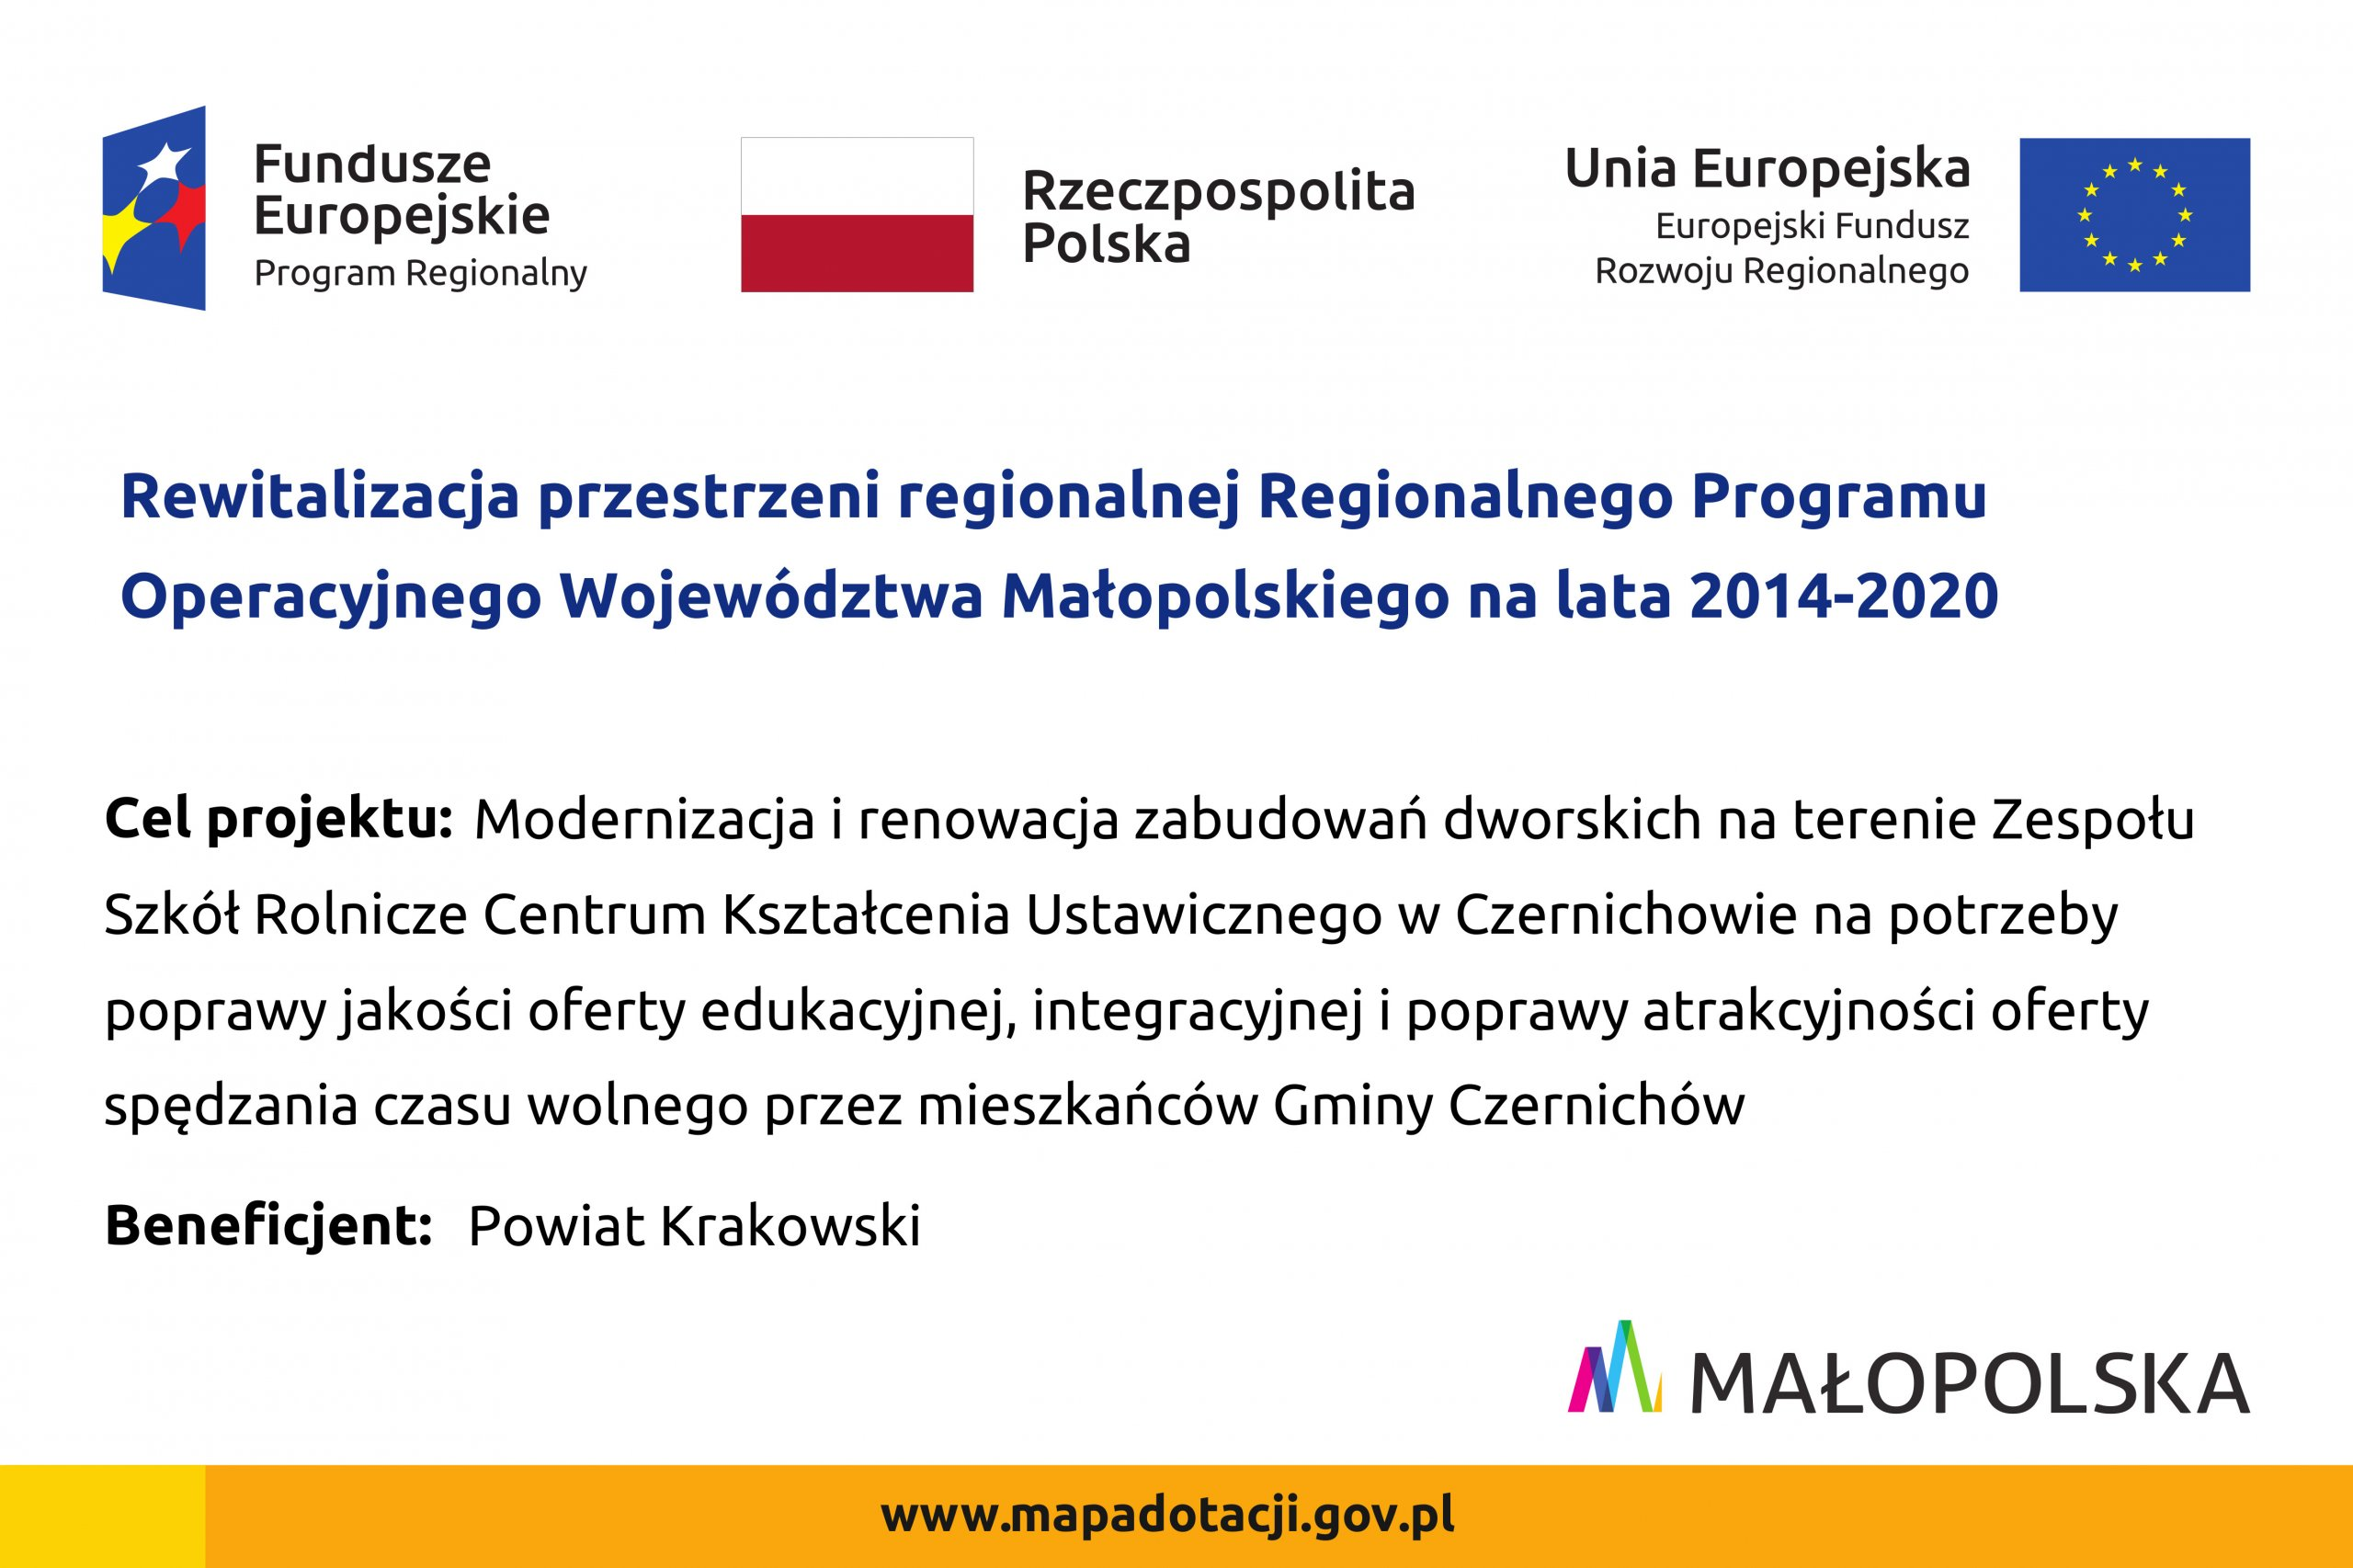 Tablica informacyjna o rewitalizacji przestrzeni regionalnej Regionalnego Programu Operacyjnego Województwa Małopolskiego na lata 2014-2020. Więcej informacji po kliknięciu w tablicę.